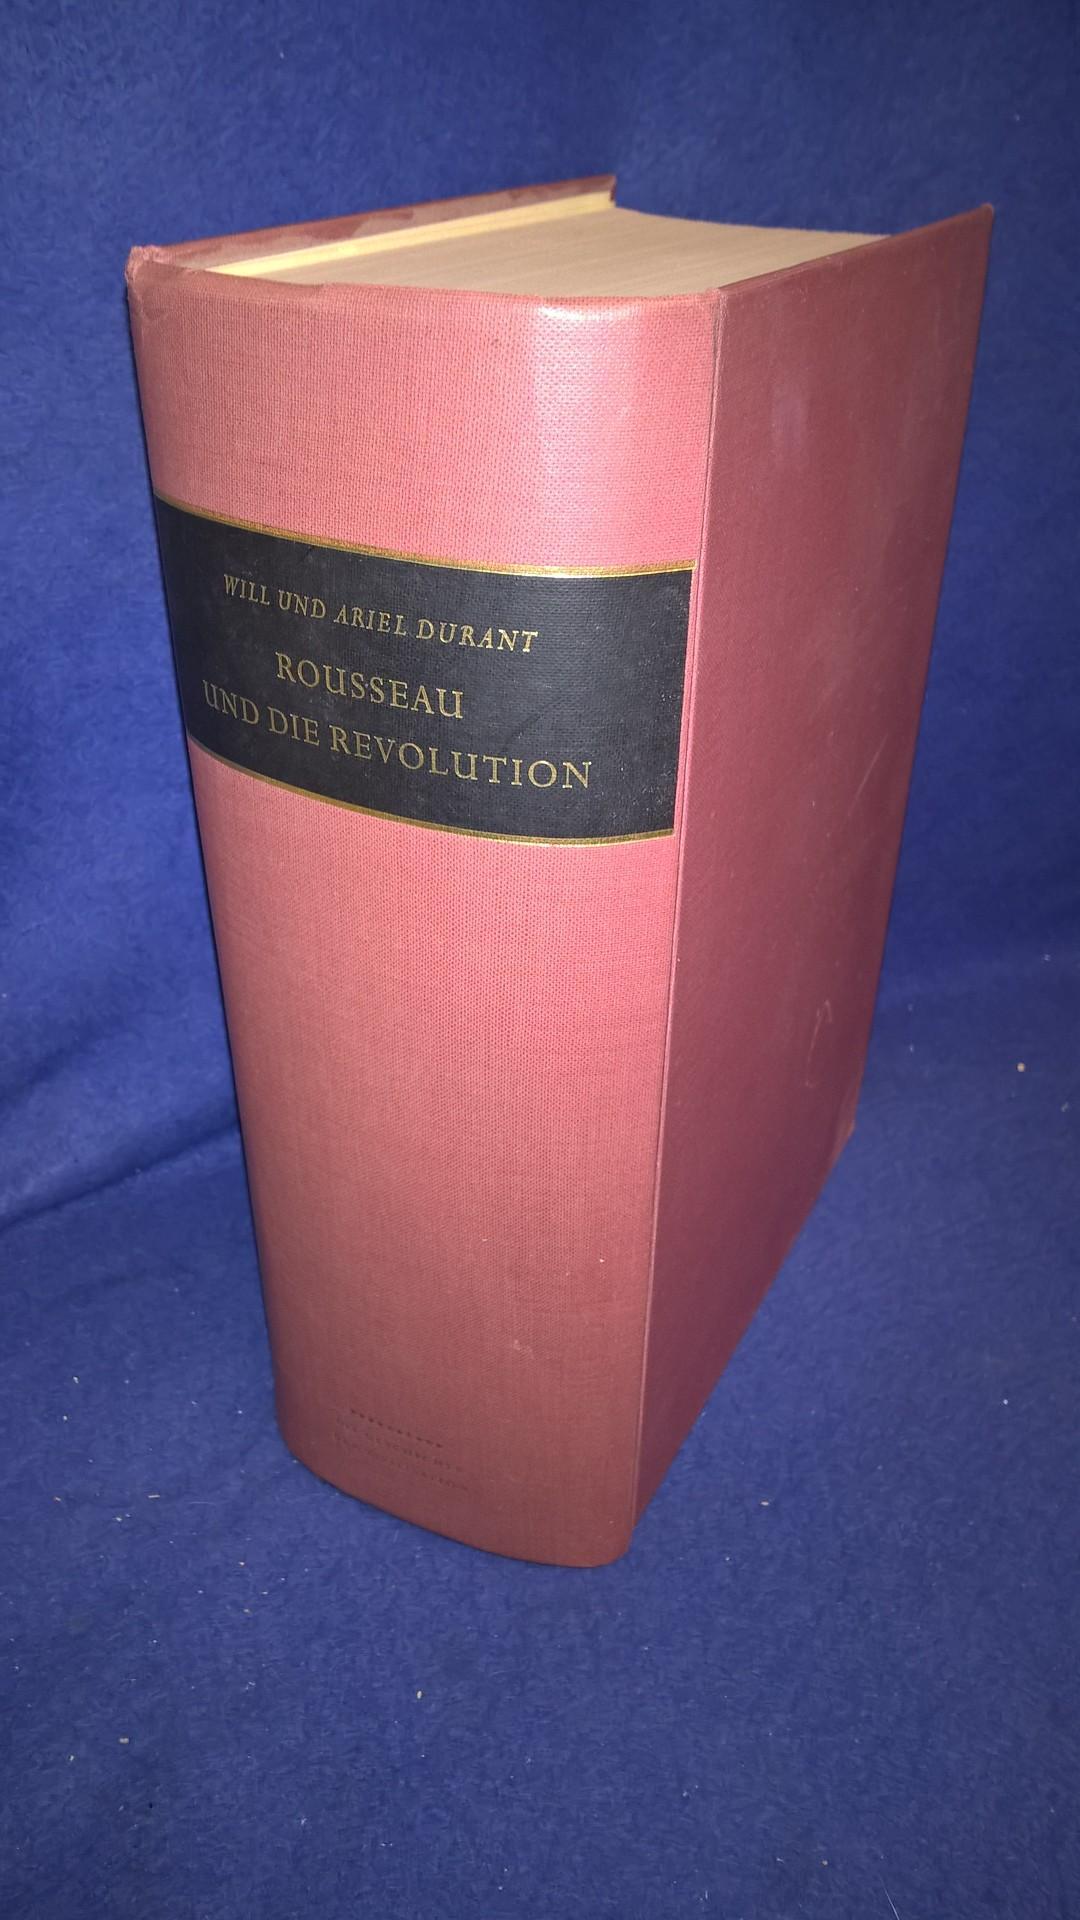 Rousseau und die Revolution. Eine Kulturgeschichte Frankreichs, Deutschlands und Englands von 1756 bis 1789 und des übrigen Europa von 1715 bis 1789